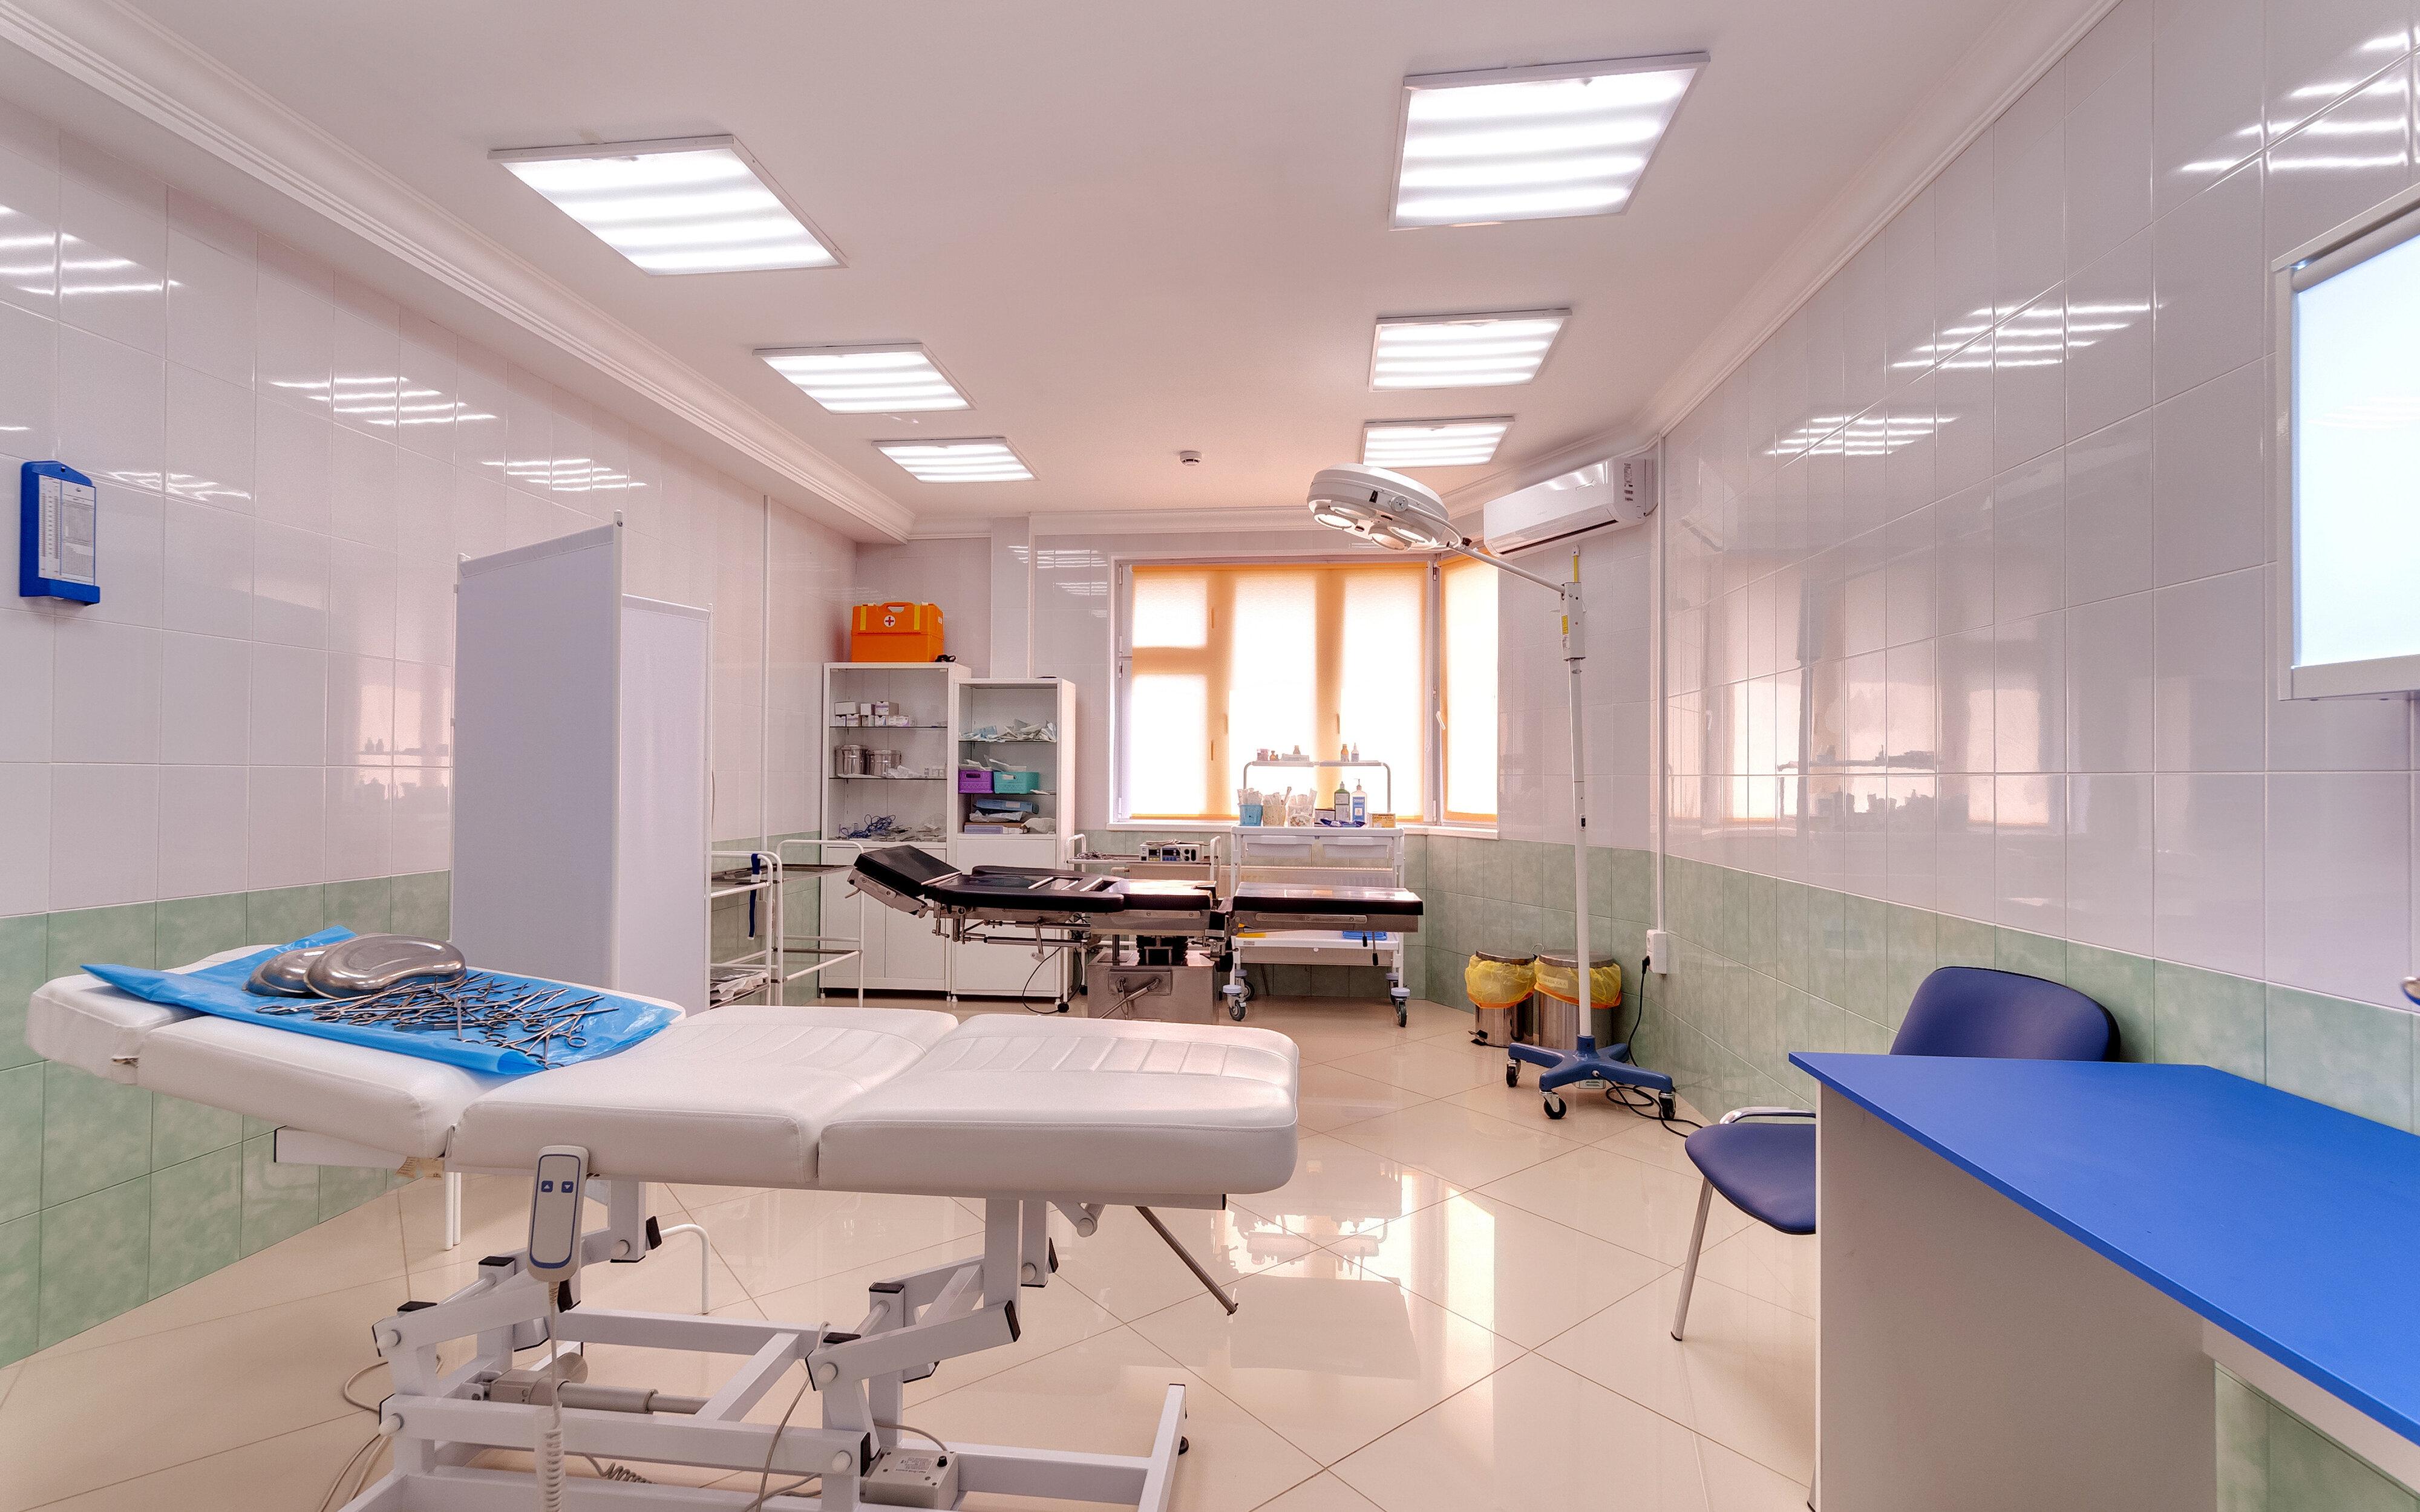 Бесплатная наркологическая клиника красногорск наркологическая клиника одинцово можайское